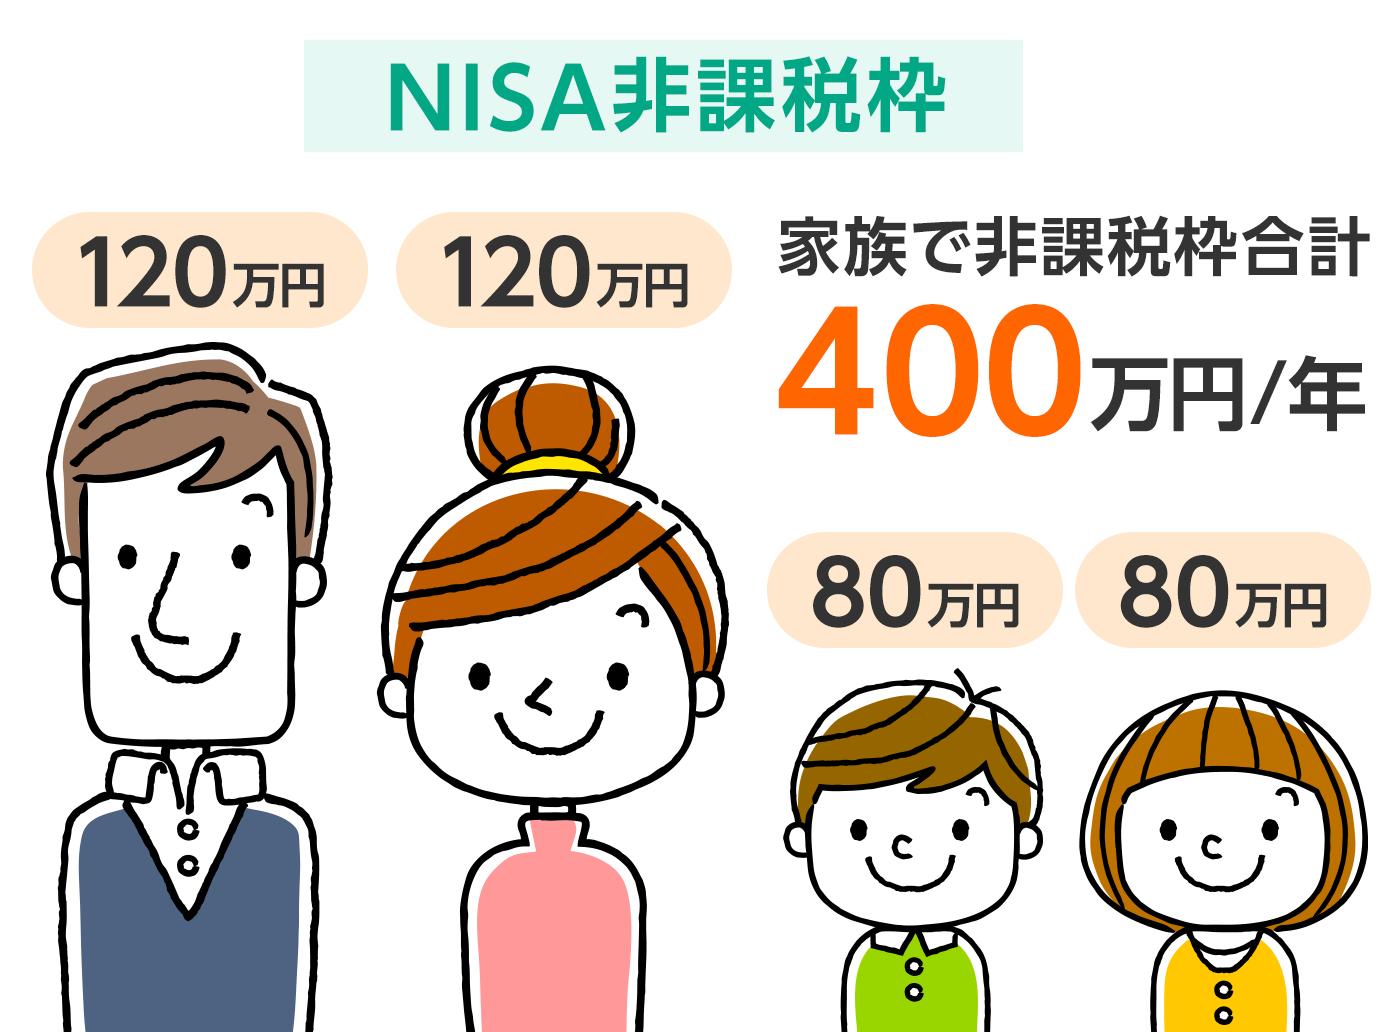 NISA非課税枠 4人家族で非課税枠合計400万円/年